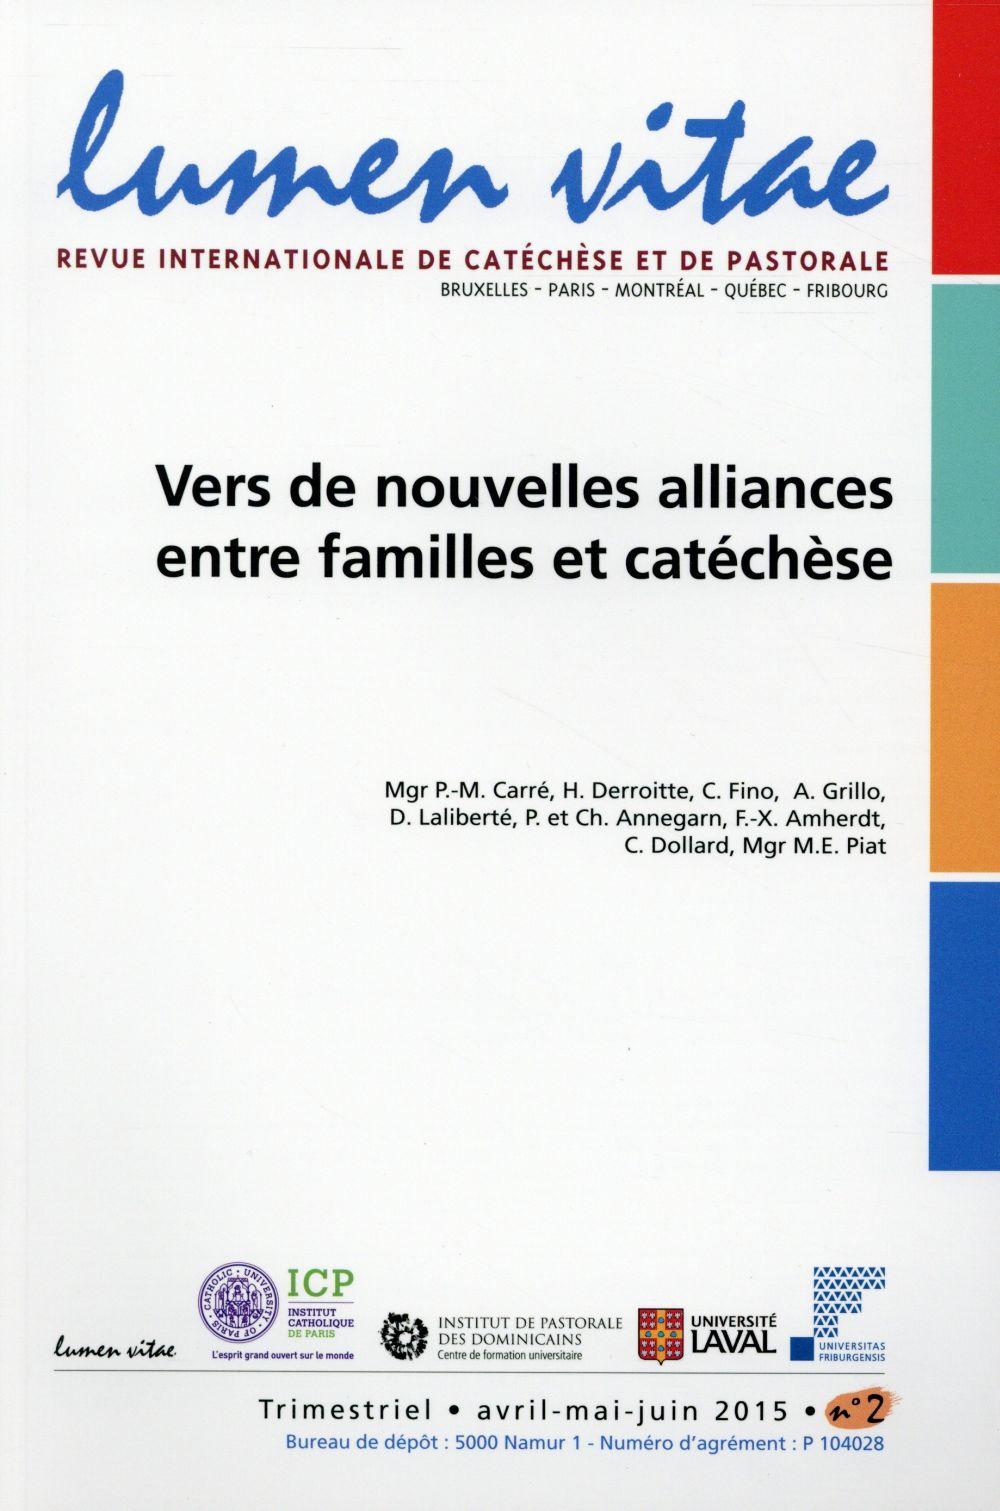 VERS DE NOUVELLES ALLIANCES ENTRE FAMILLES ETCATECHESE